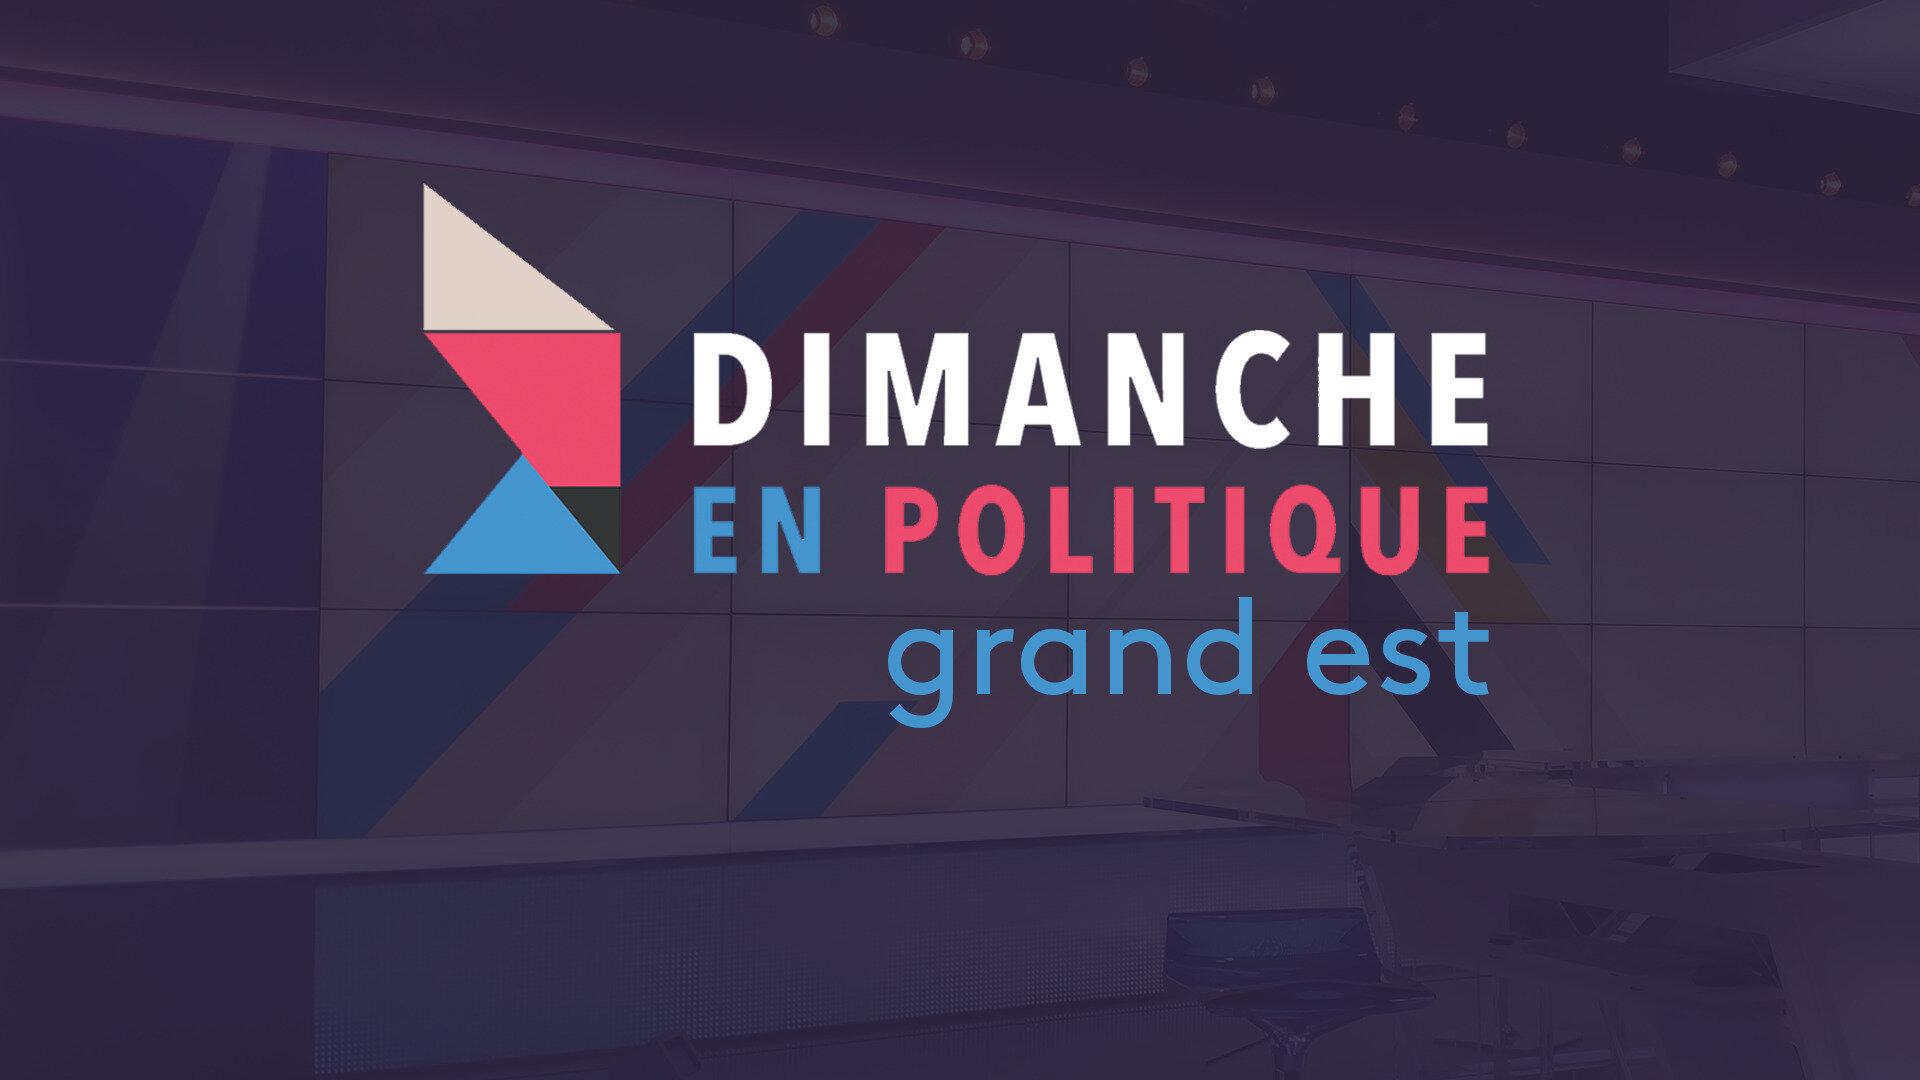 Dimanche en politique : quelle cohabitation entre le Grand Est et la Collectivité européenne d'Alsace ?